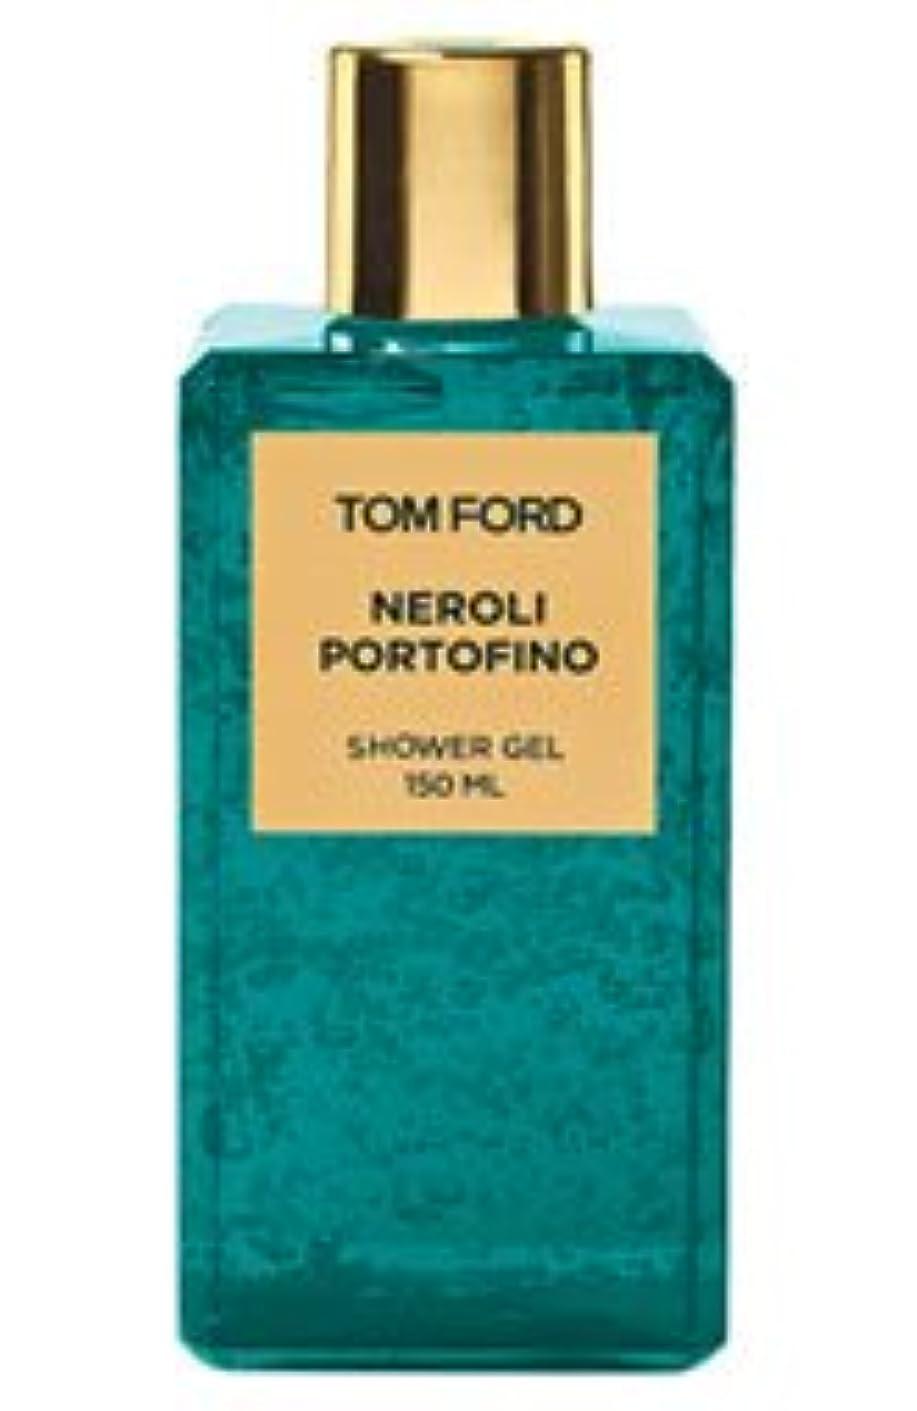 囲い出席踏み台Tom Ford Private Blend 'Neroli Portofino' (トムフォード プライベートブレンド ネロリポートフィーノ) 5.0 oz (150ml) Shower Gel for Unisex